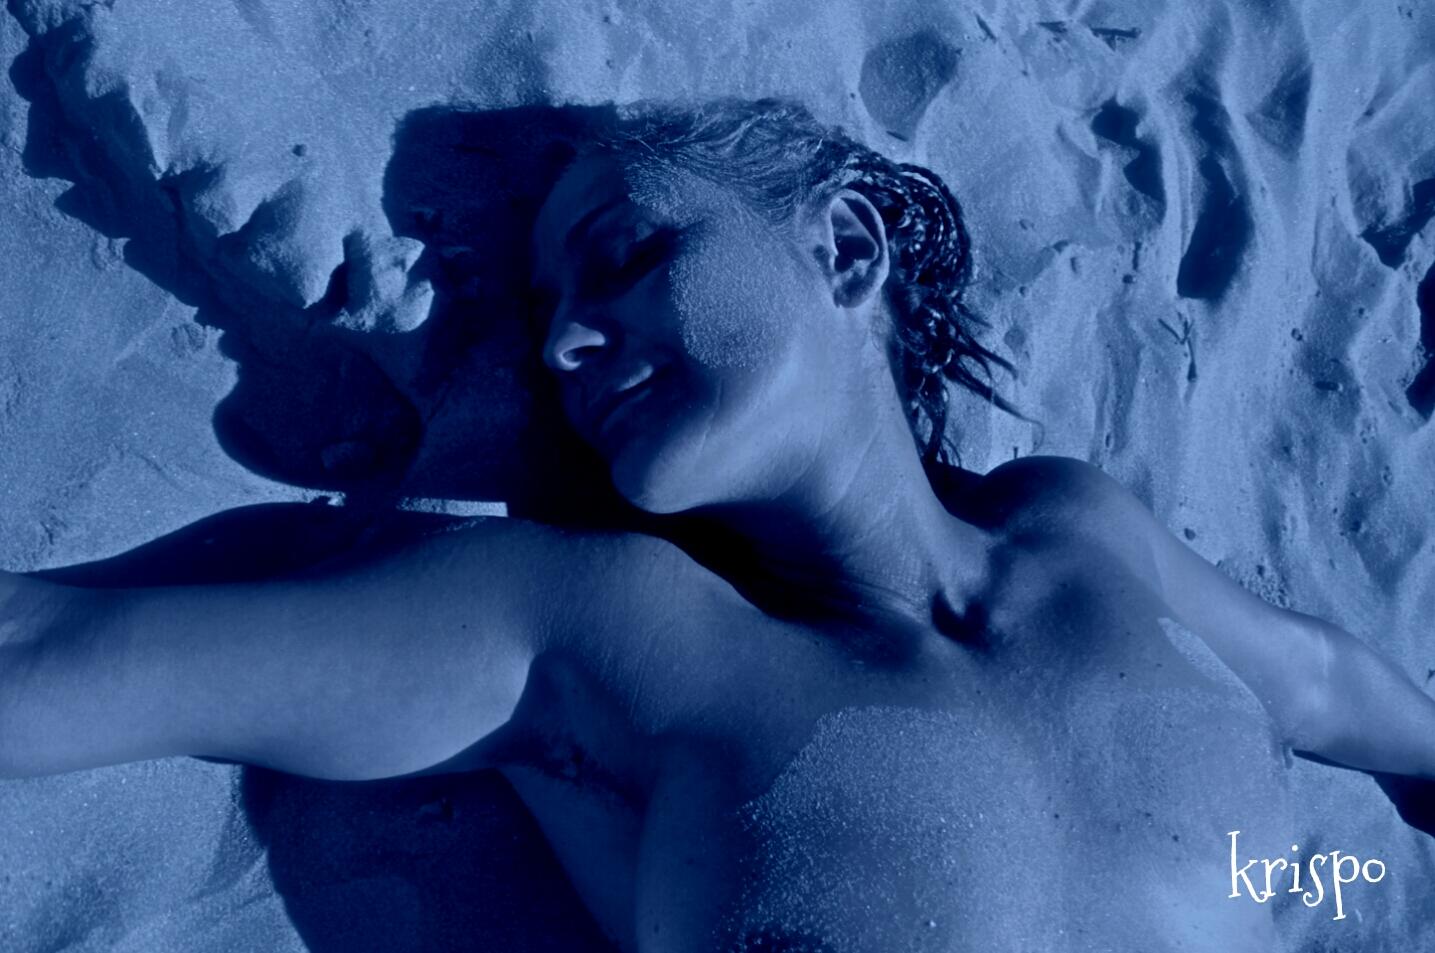 detalle del torso de una mujer tumbada en la playa de noche